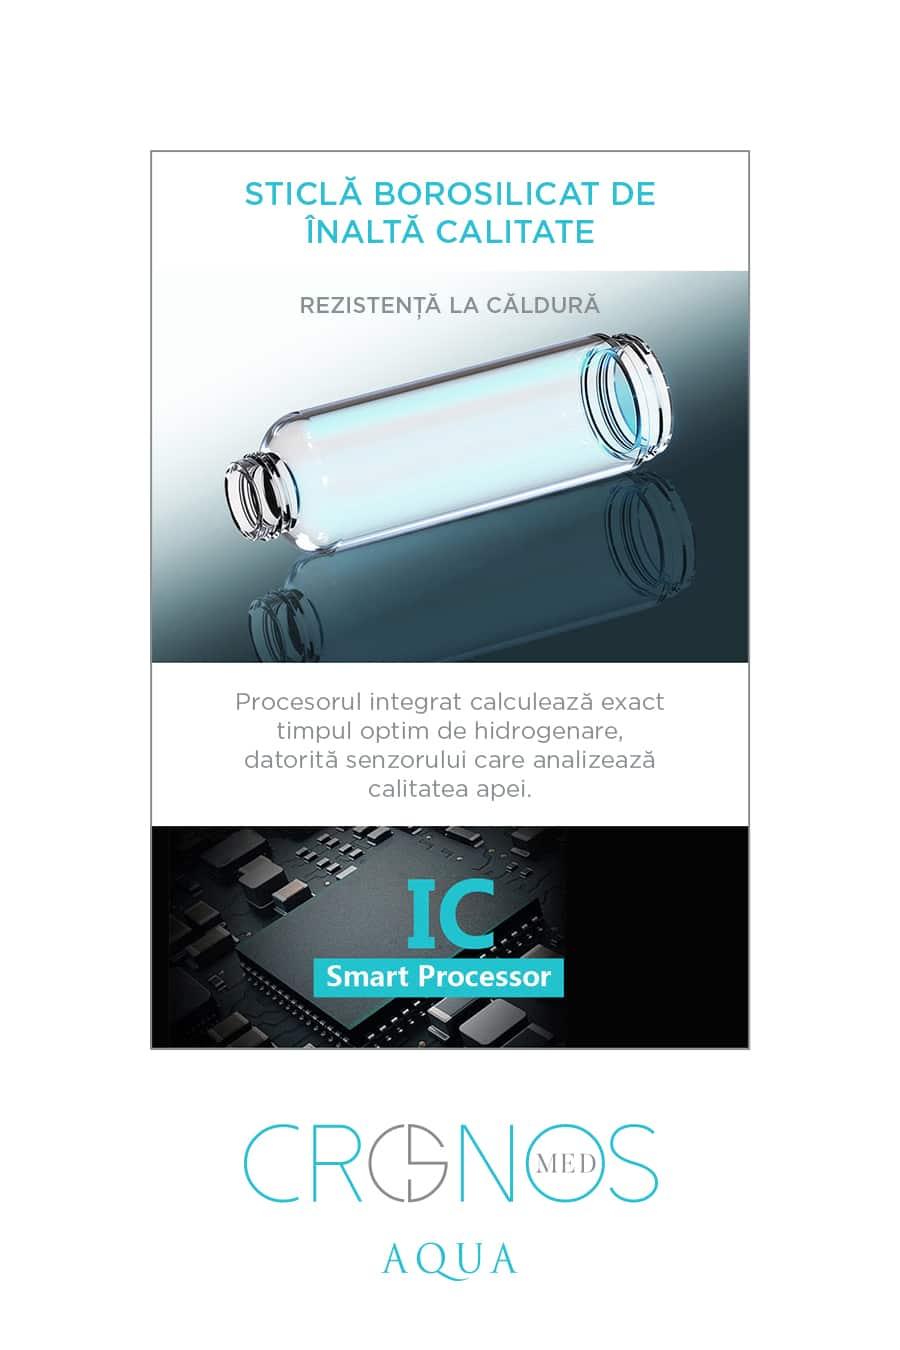 Cronos Aqua pret apa hidrogenata sticla borosilicat